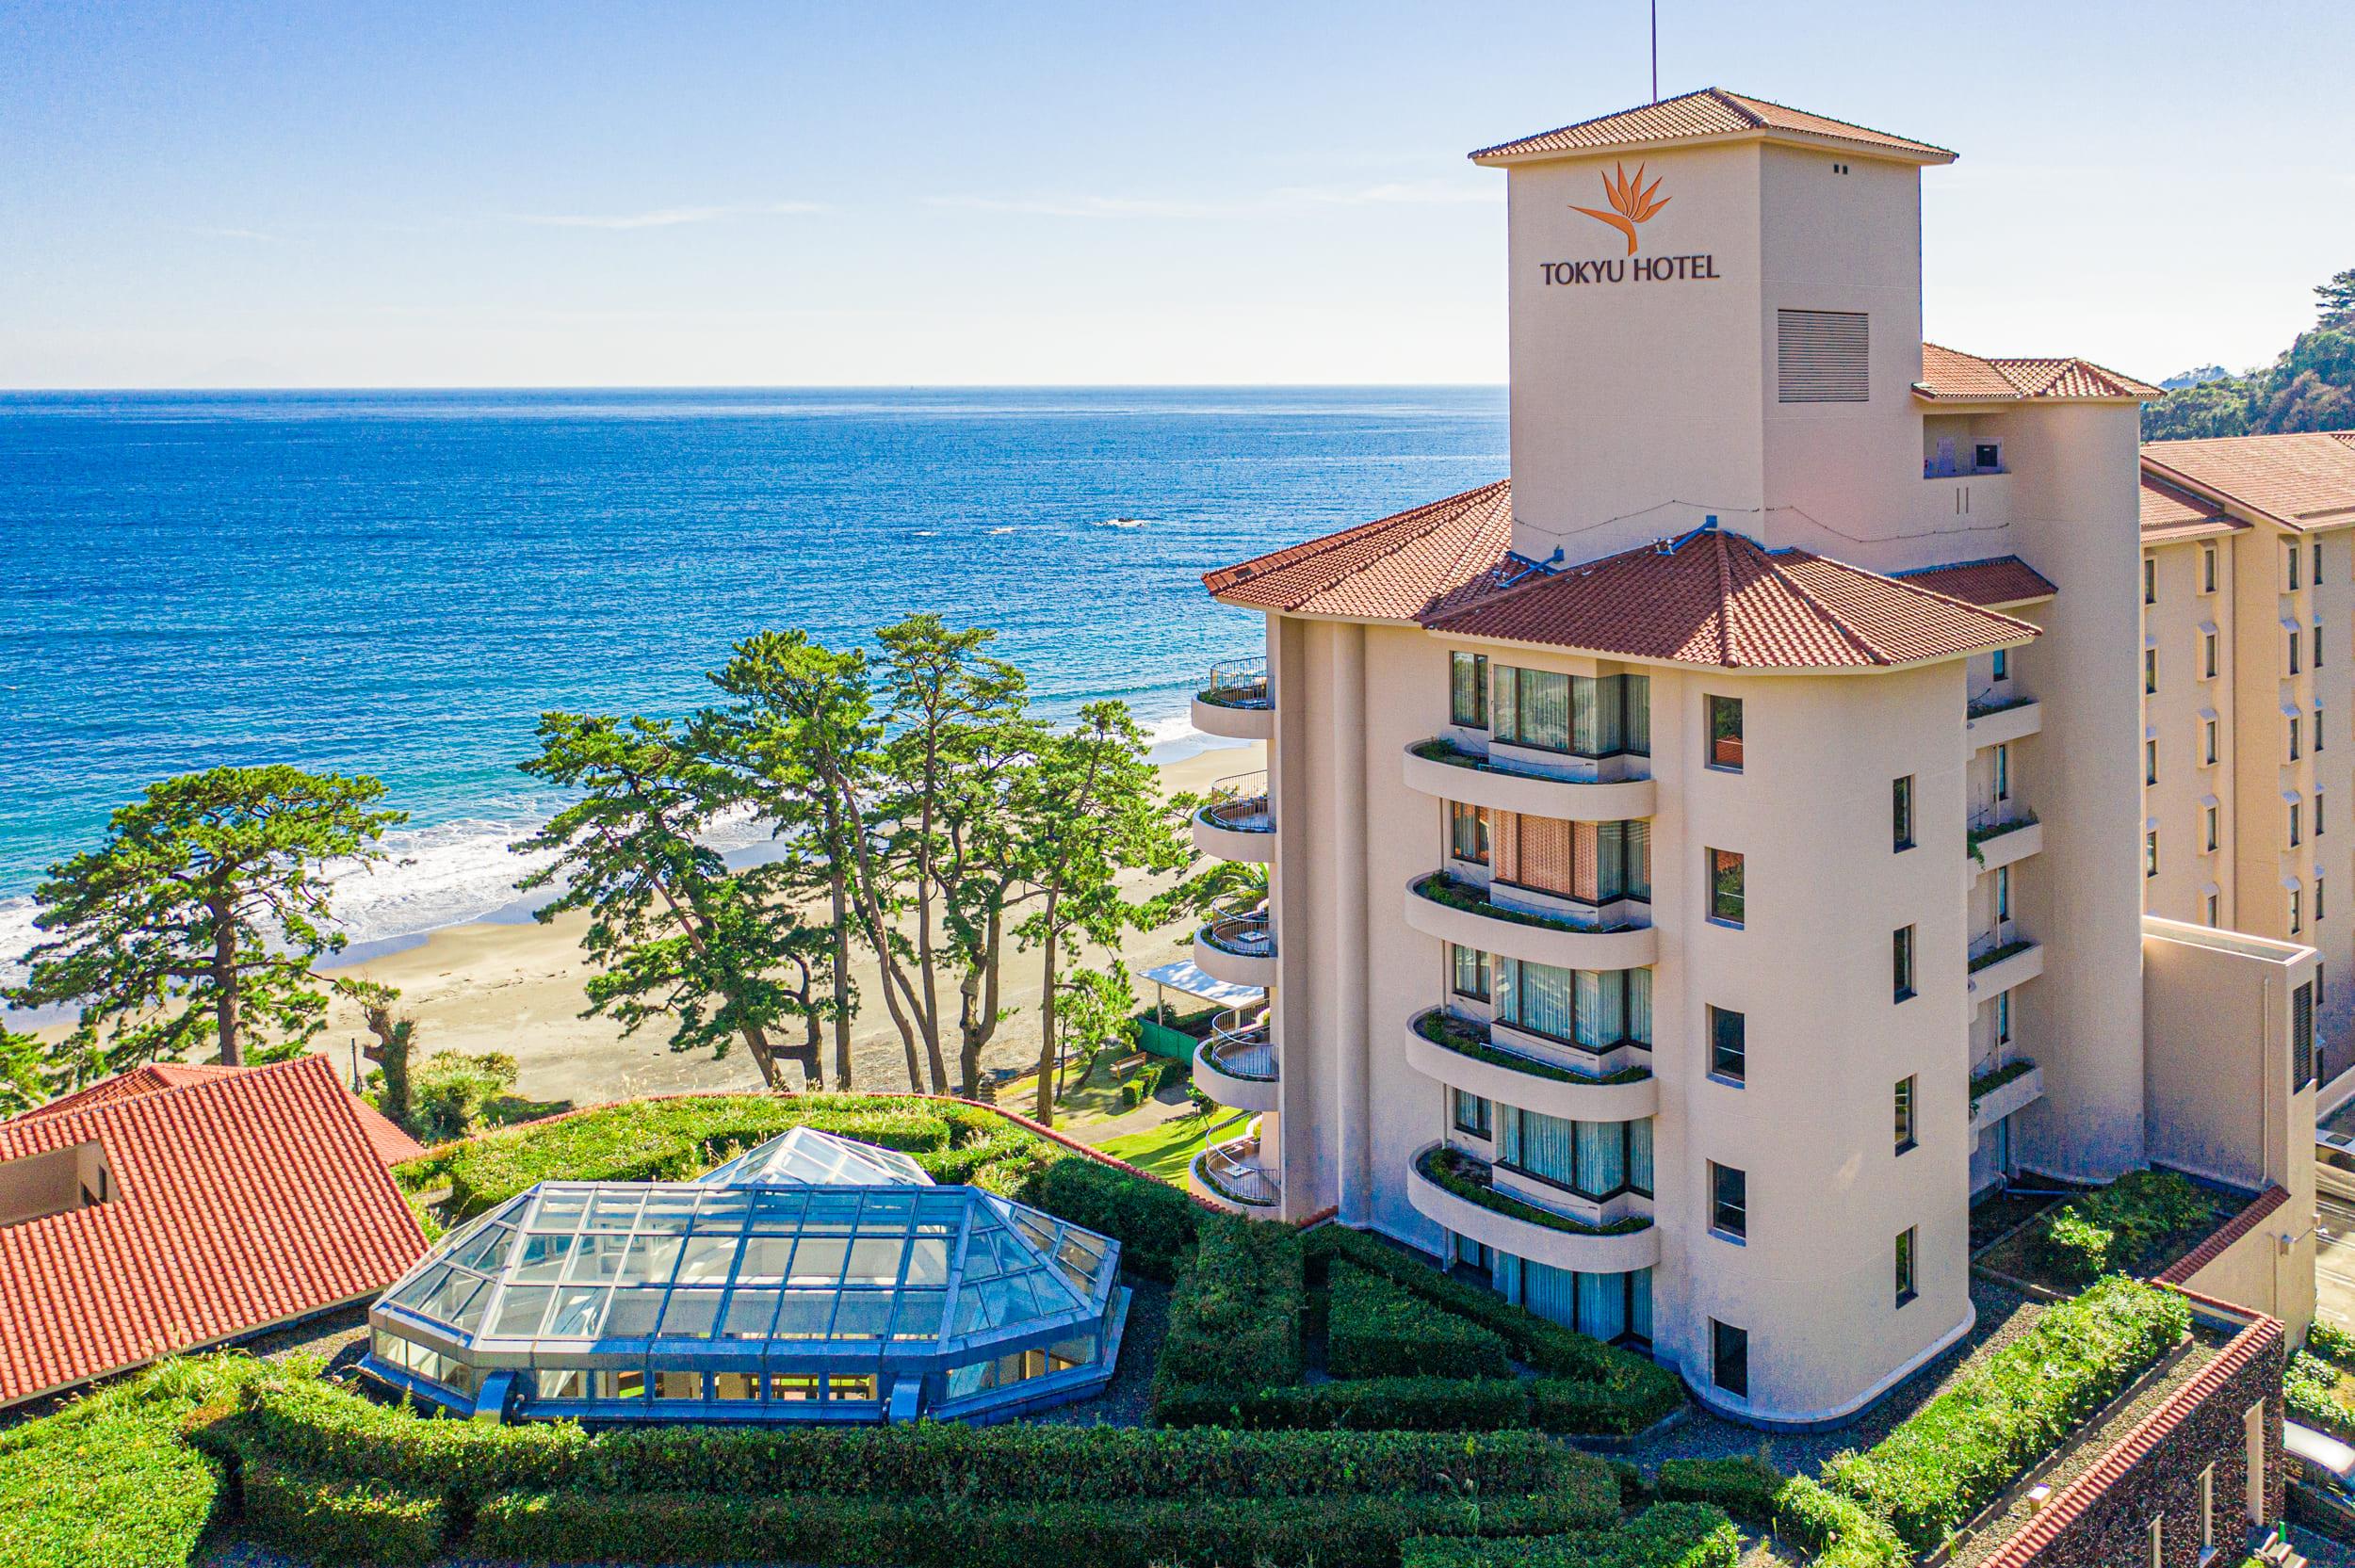 ときめきとやすらぎが連続する今井浜と伊豆の海を望むオーシャンビューが魅力のリゾートホテル